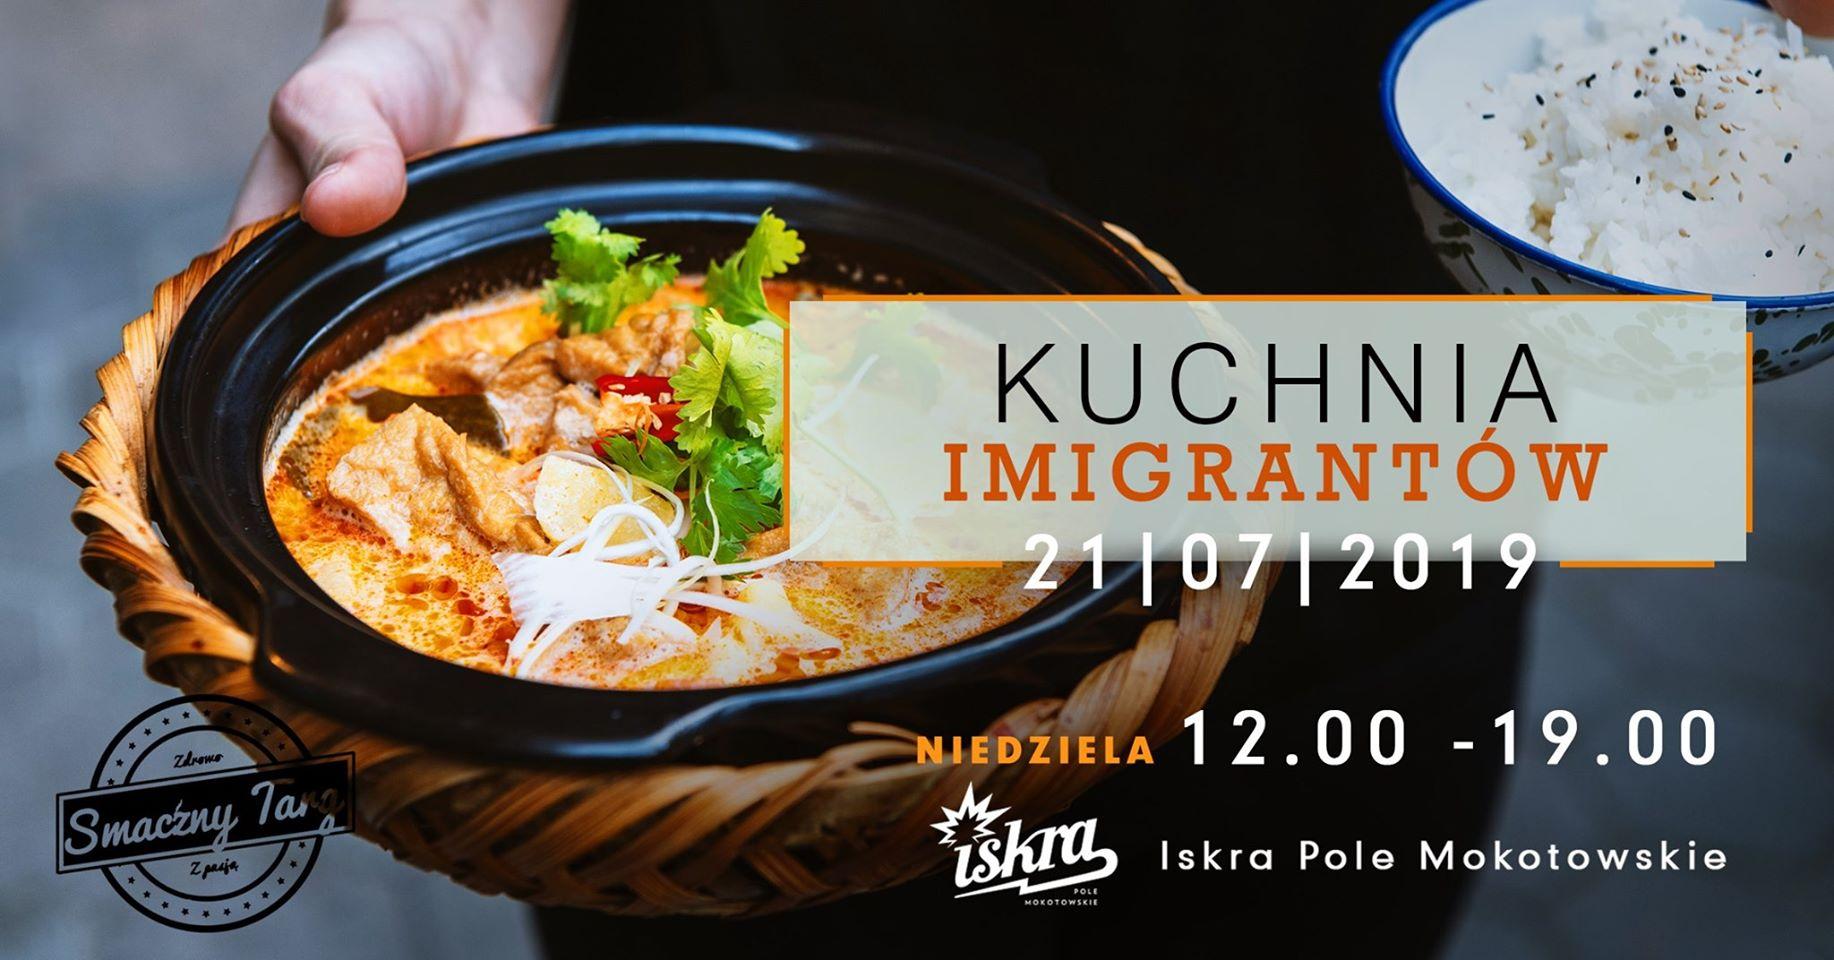 Kuchnia Imigrantów Piknik Międzykulturowy